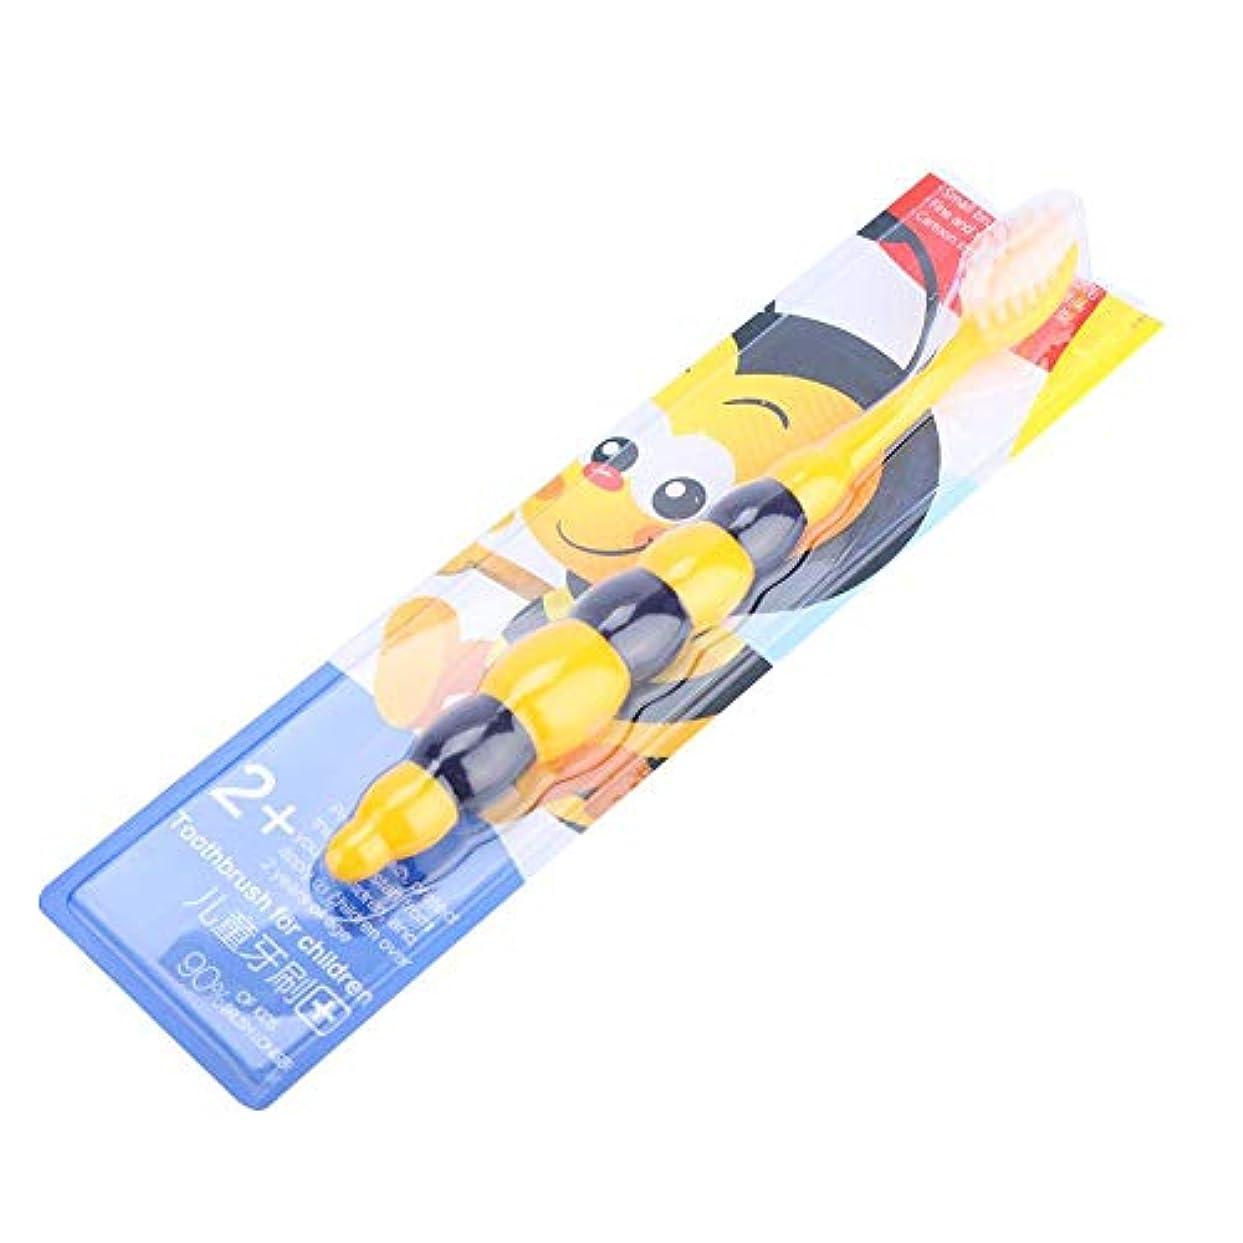 子サンダース焦がす歯ブラシの子供の柔らかい毛のかわいい口頭心配用具